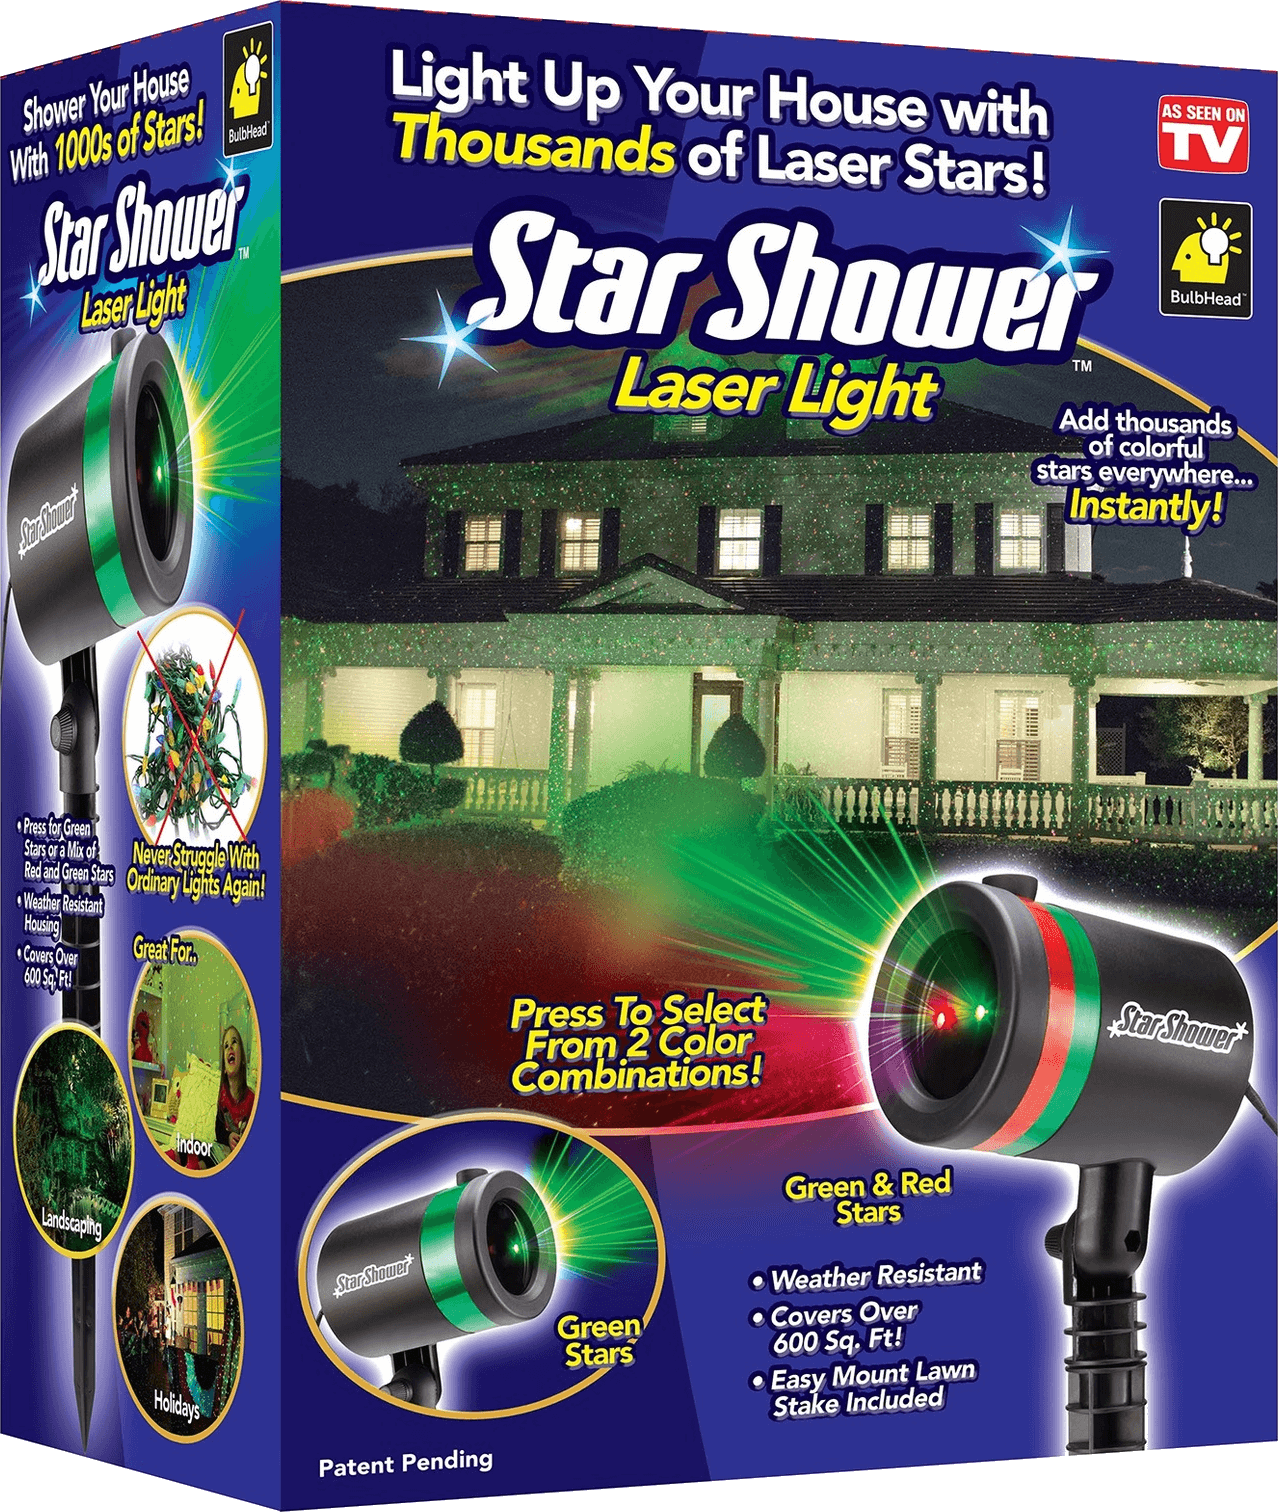 Фейерверк Проектор лазерный звездный star shower laser light projectorСопутствующие товары<br>Проектор Star Shower является хорошей альтернативой гирляндам. Он не требует больших затрат в отличие от аналагов. Для его установки нужно минимум времени и усилий. Всего за пару мгновений Вы сможете создать сказочную атмосферу, как в доме так и на улице.<br>Тип: фейерверк; Вид фейерверка: сопутствующий товар; Ширина см: 26; Высота см: 10; Глубина см: 20; Вес кг: 1.30;